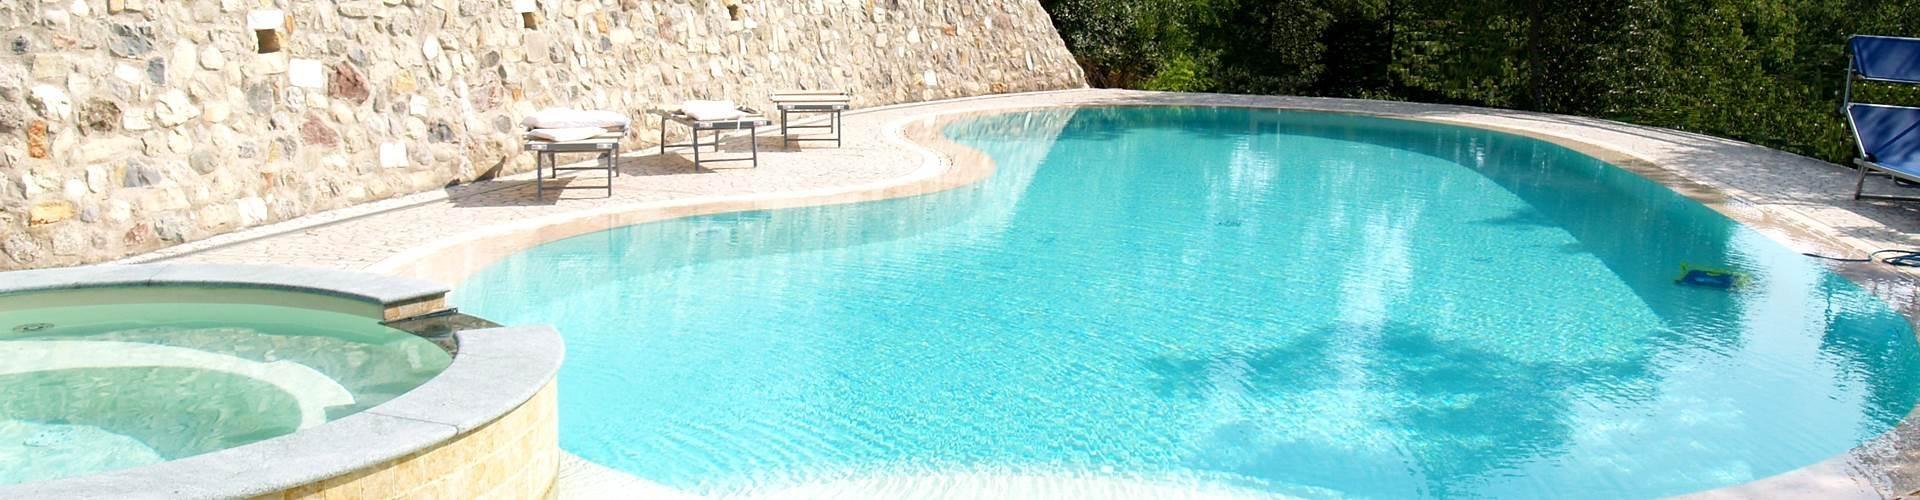 costruzione piscine brescia bs costruzioni piscine brescia bs realizzazione piscine brescia bs ...